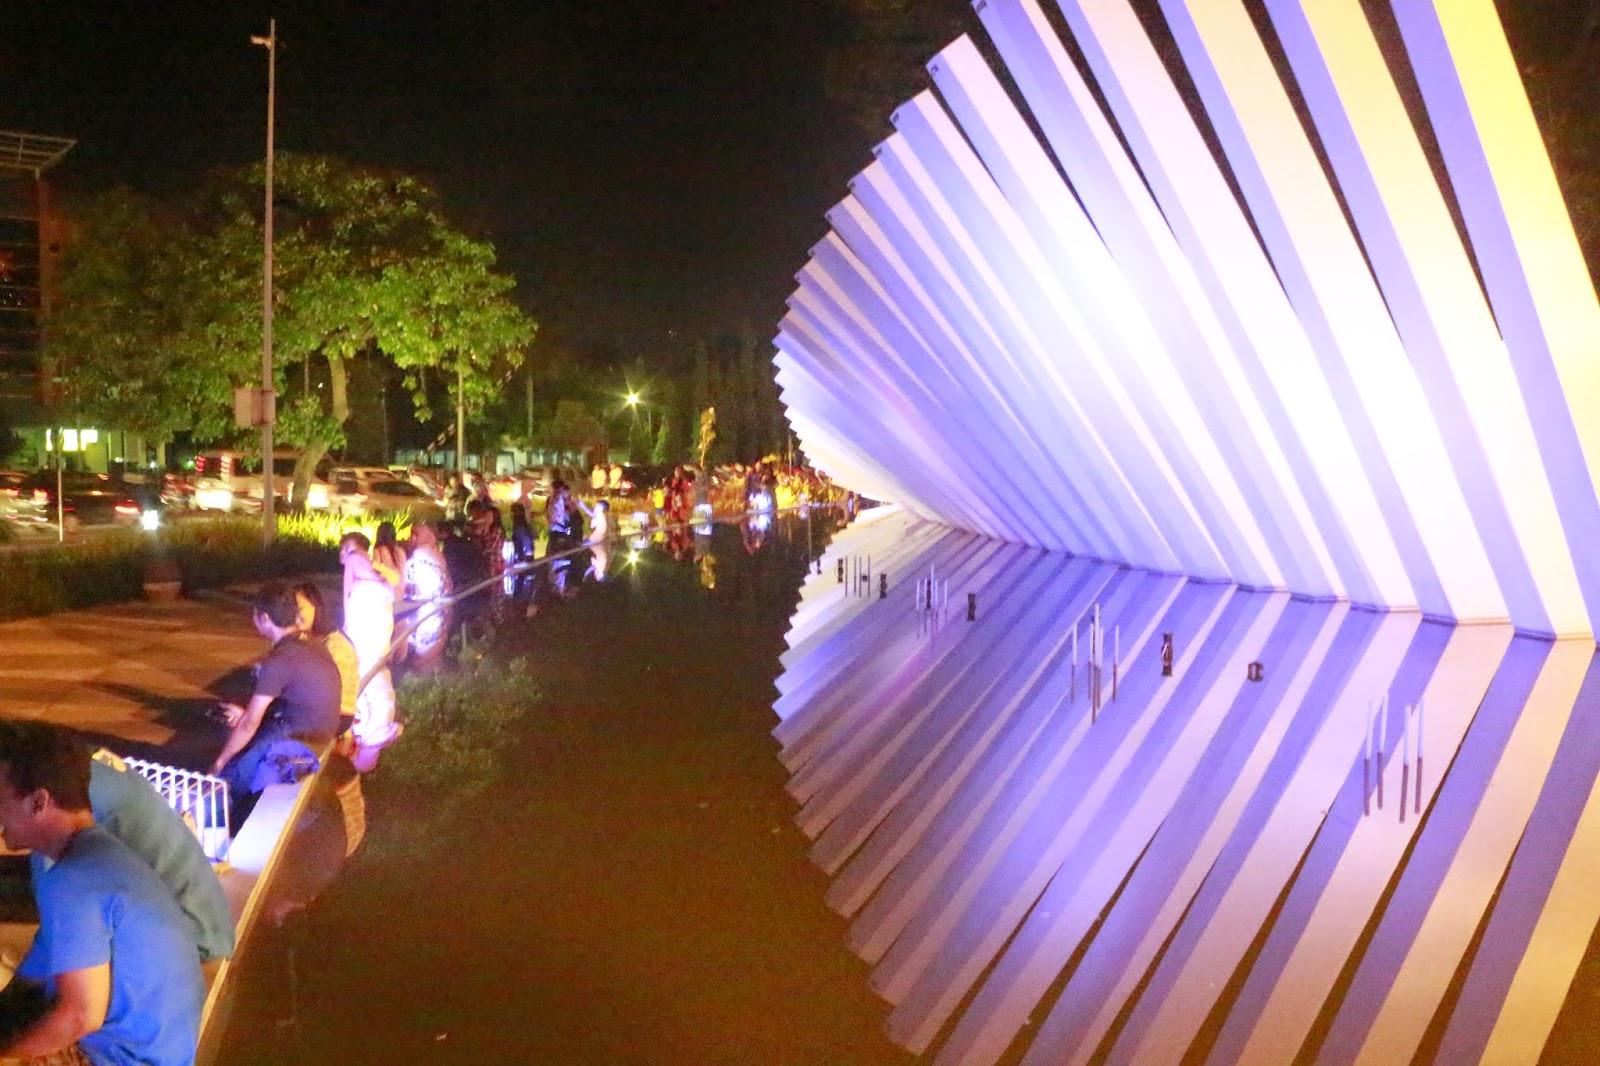 Dunia Farrenn Surabaya Taman Pelangi Terletak Diujung Selatan Kota Tepatnya